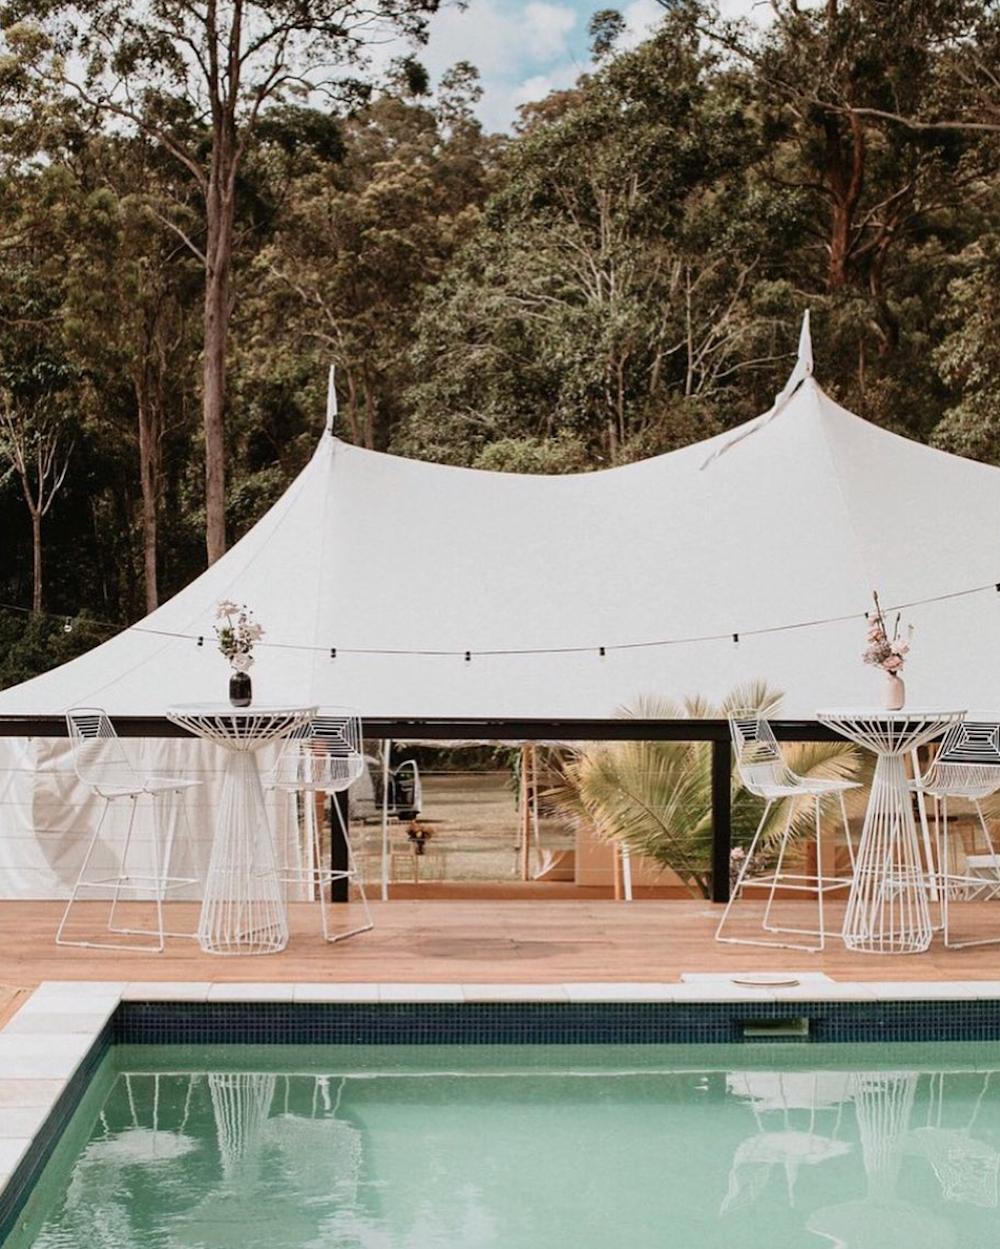 Gold+Coast+wedding+hire+Gold+Coast+wedding+venue19.png